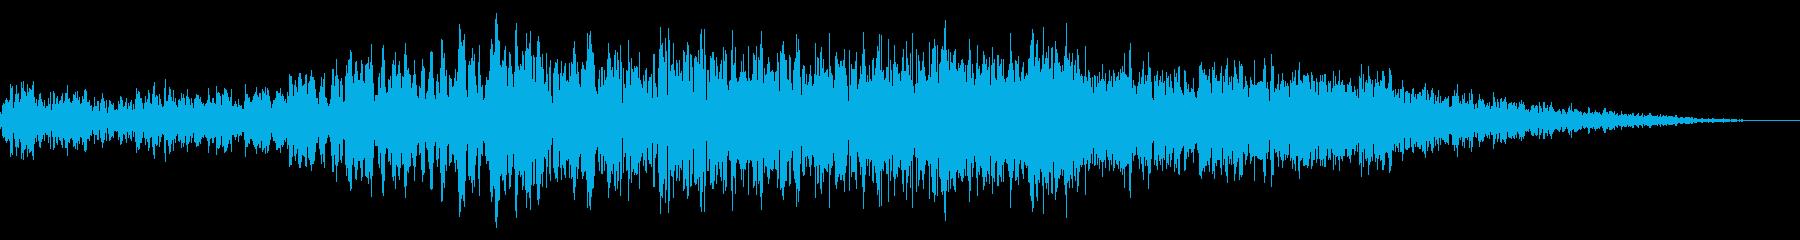 ライジングシンセトレイルを使用した...の再生済みの波形